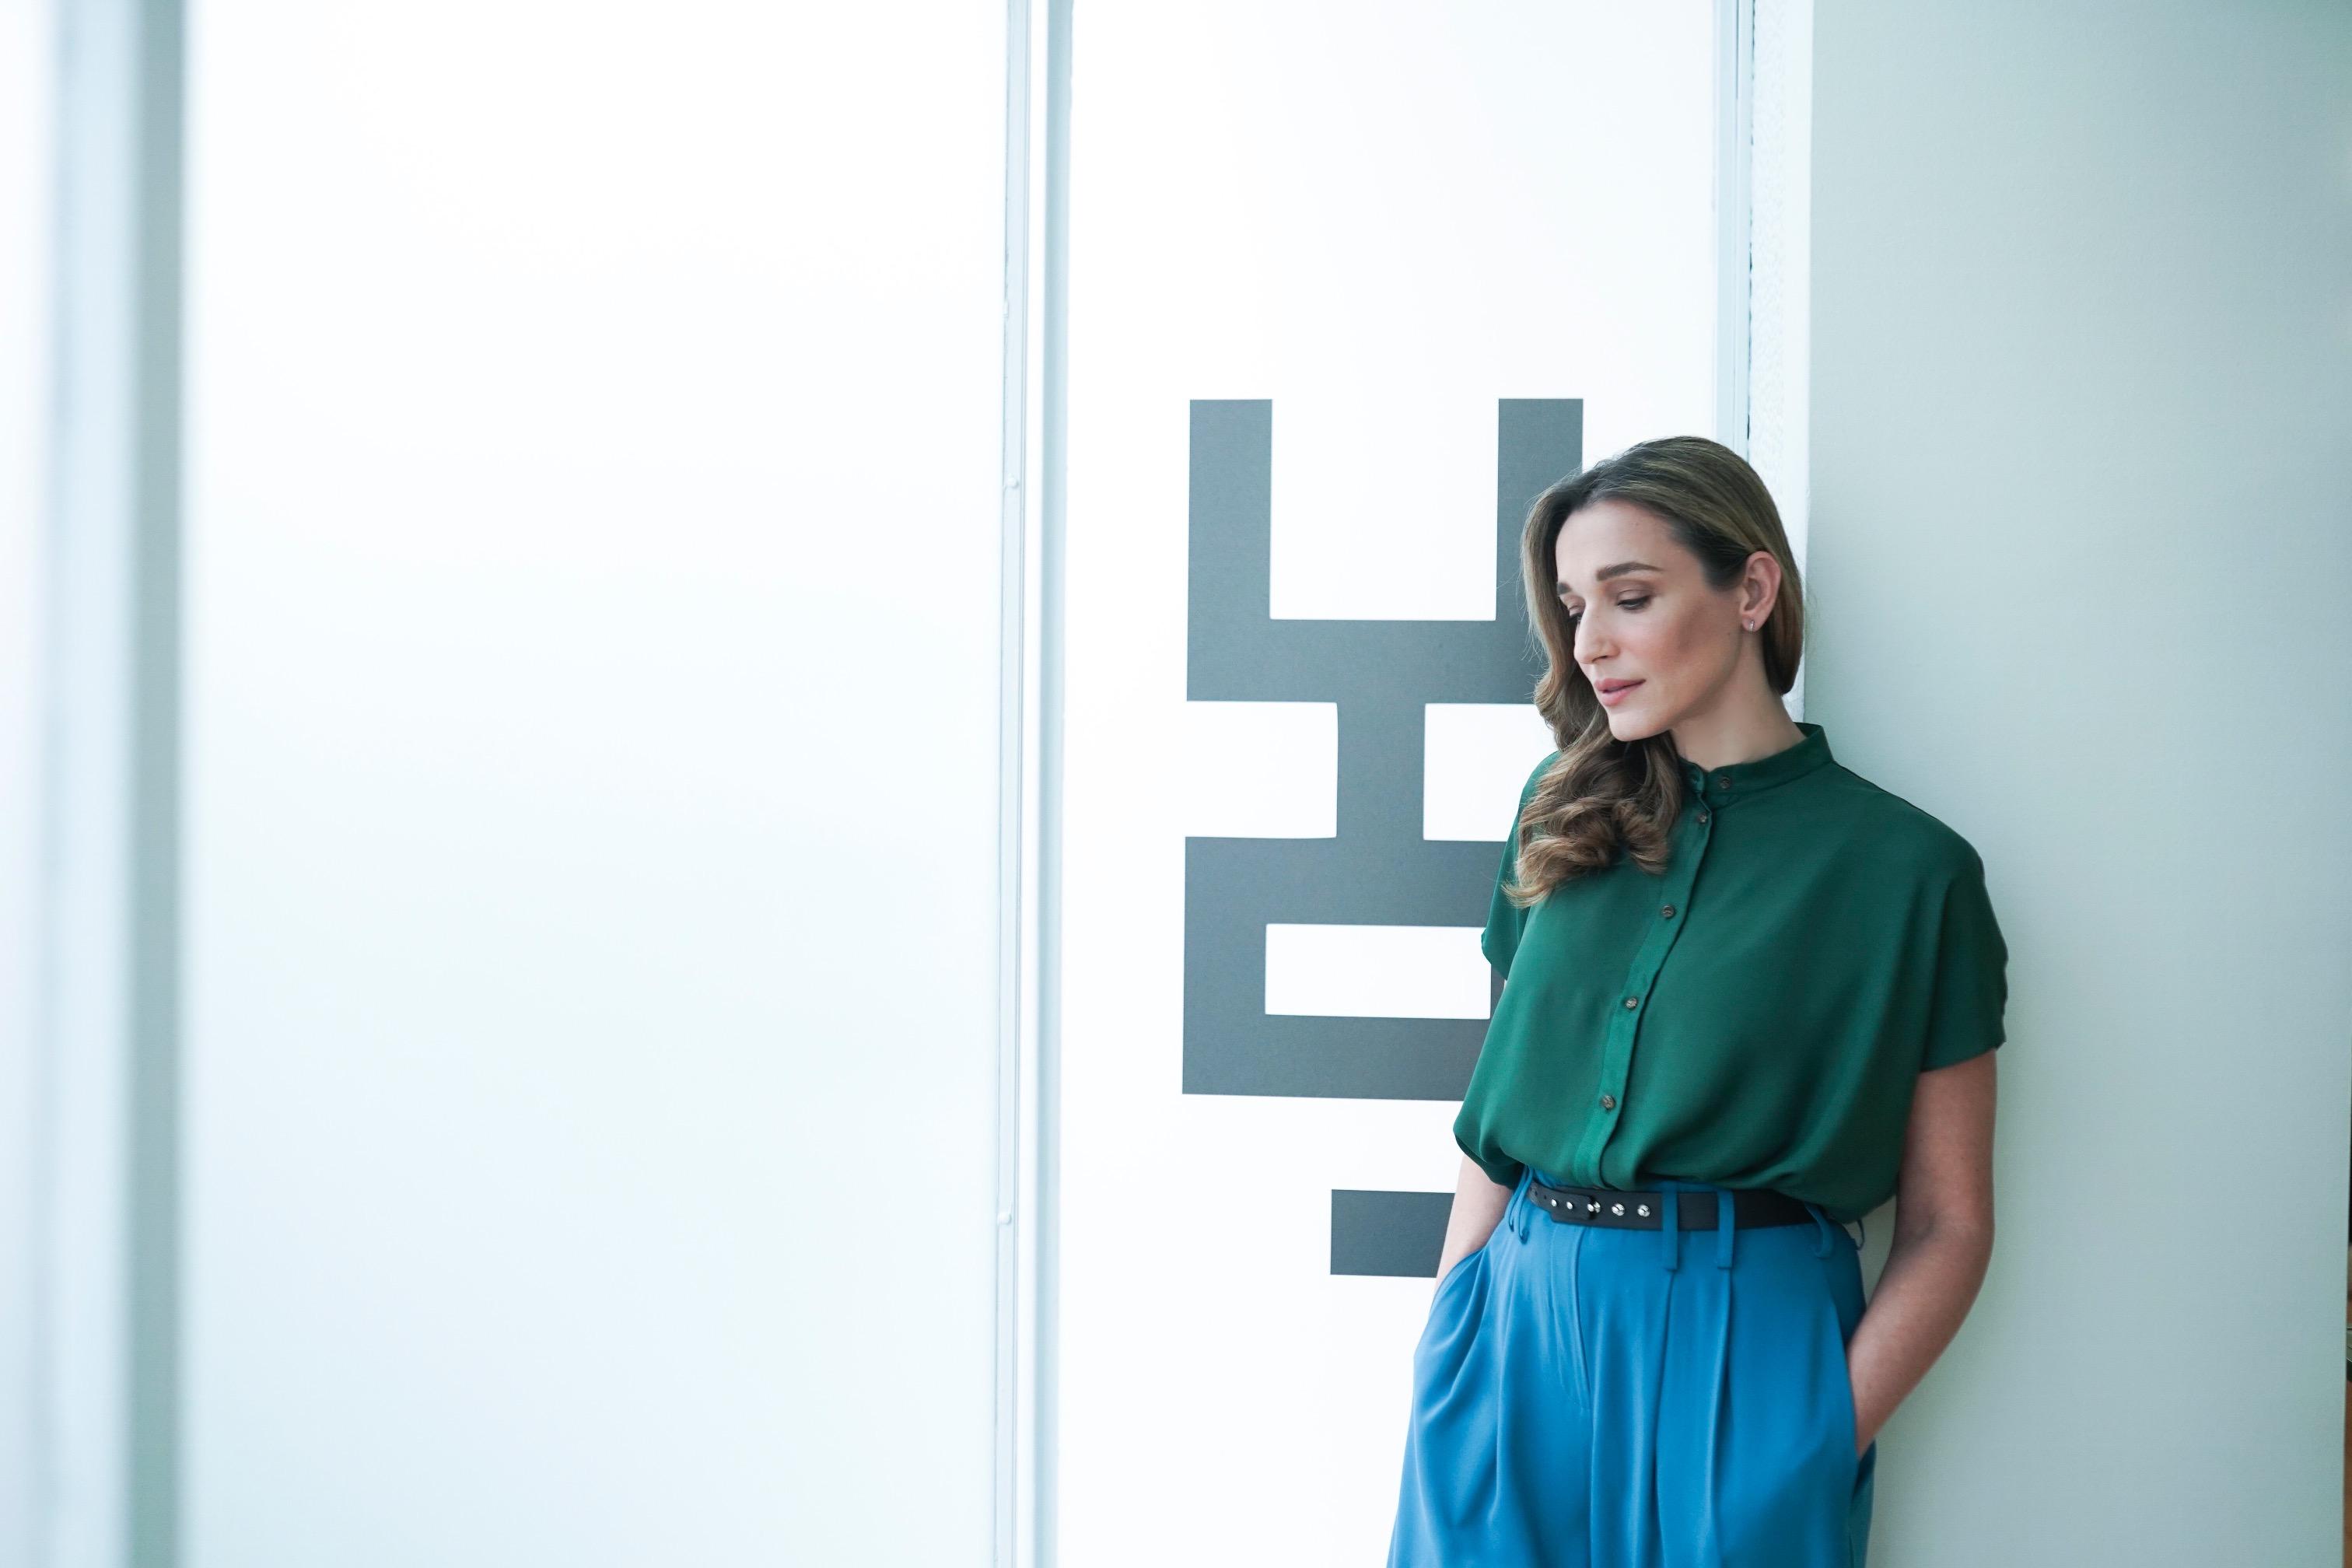 Πρεμιέρα στην ΕΡΤ για τις «Ιστορίες Μόδας» της Κάτια Ζυγούλη